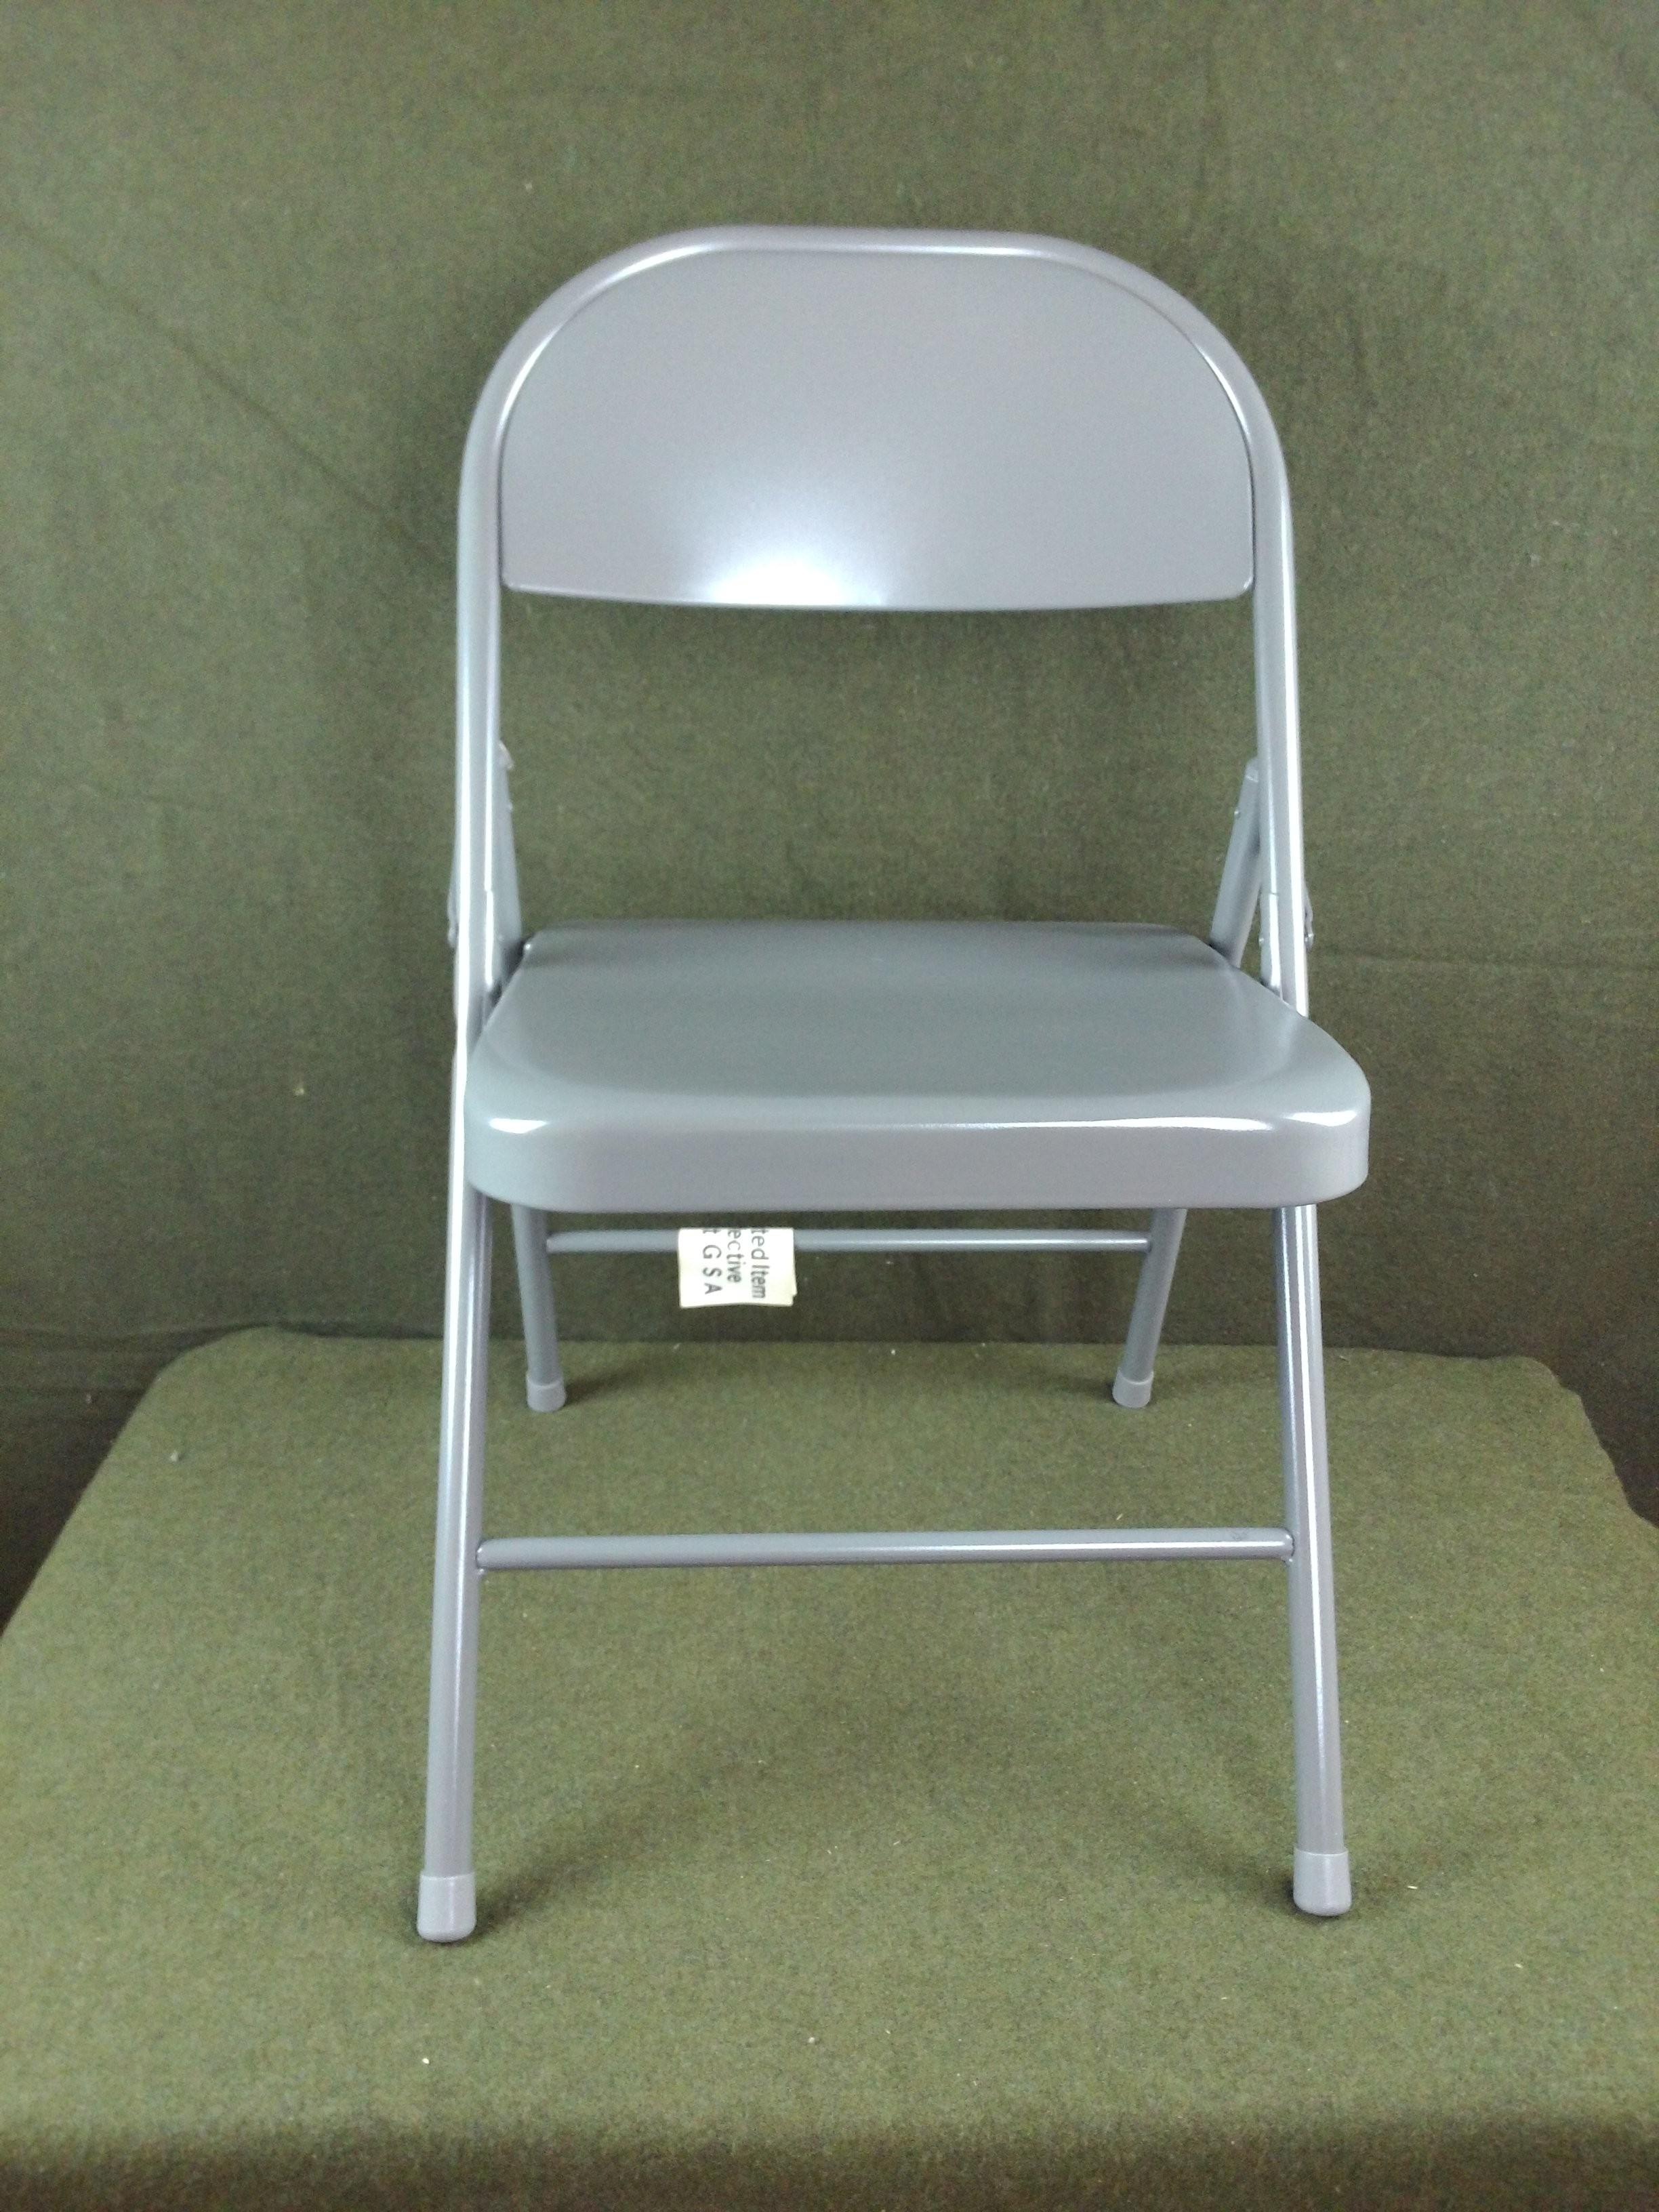 4 New KI Krueger Inc. 101 Gray Steel Folding Chairs Unupholstered